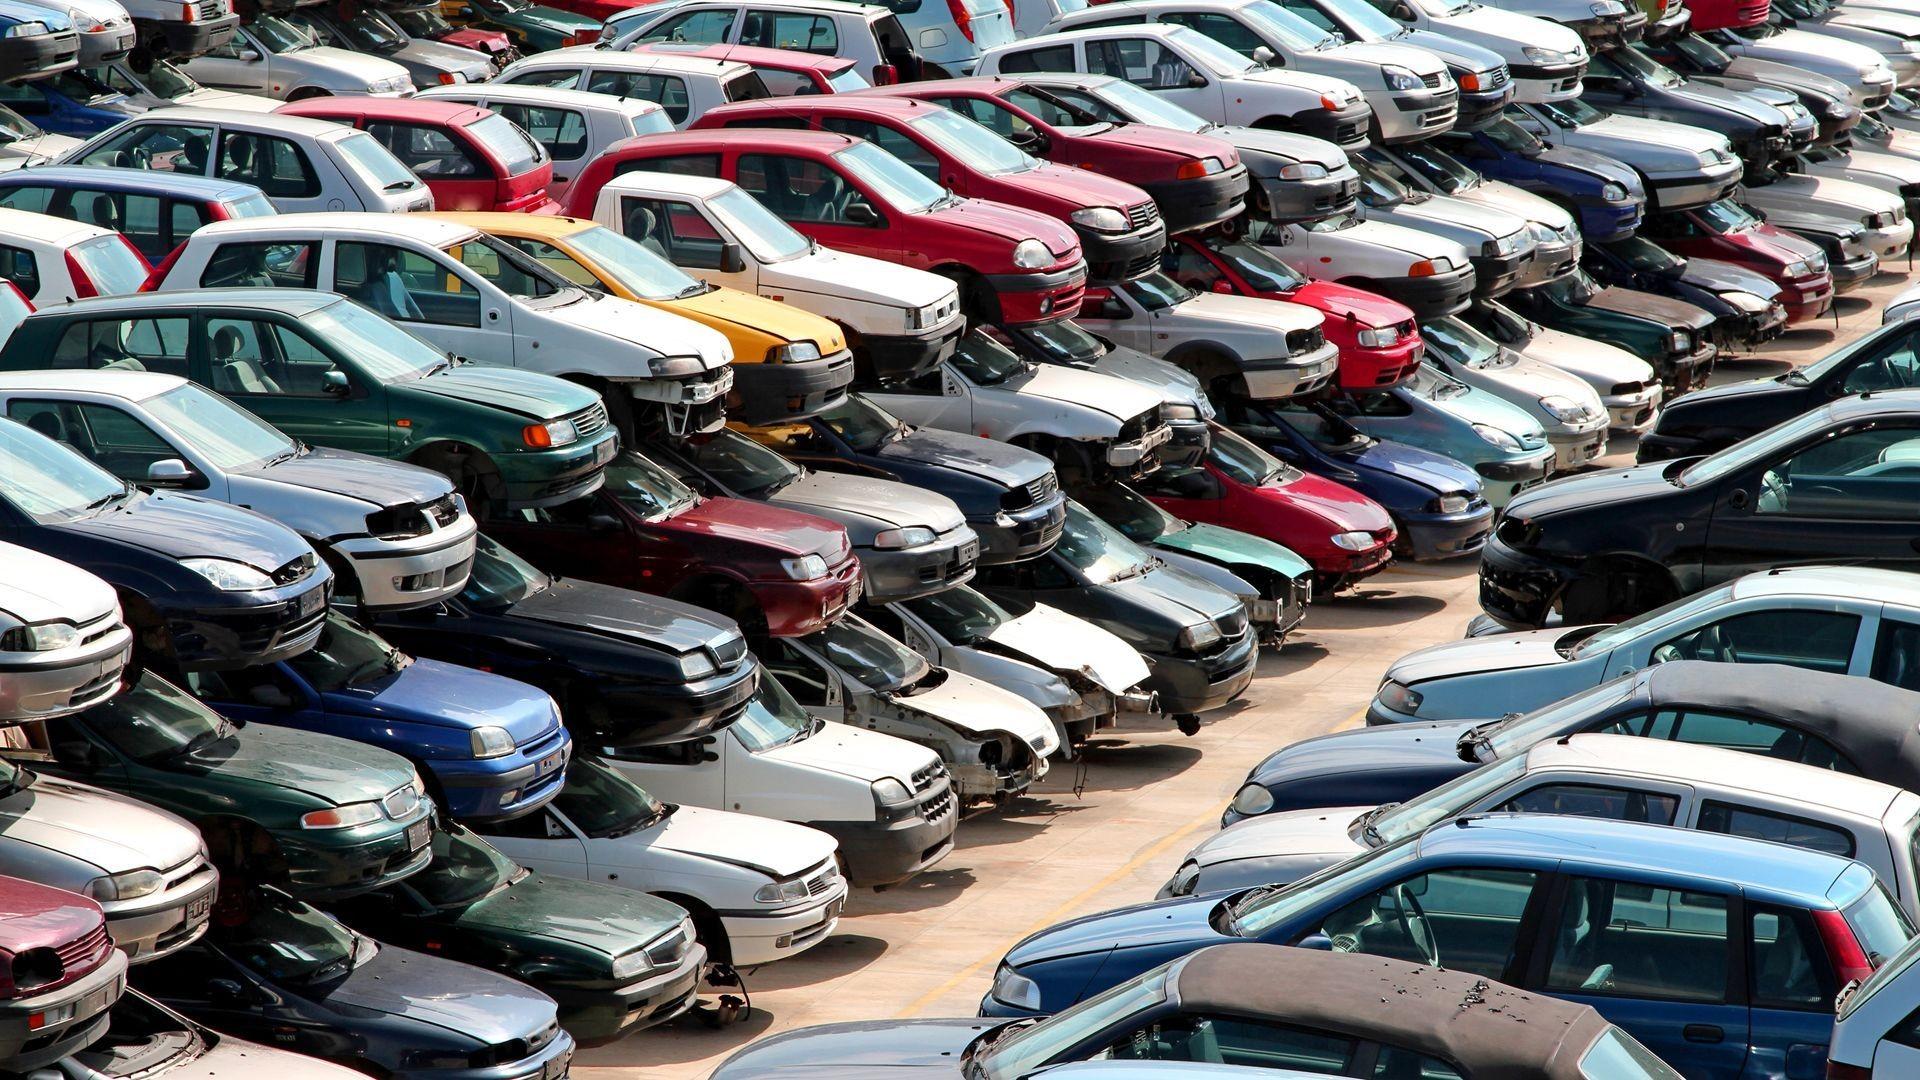 Desguace de vehículos en Murcia